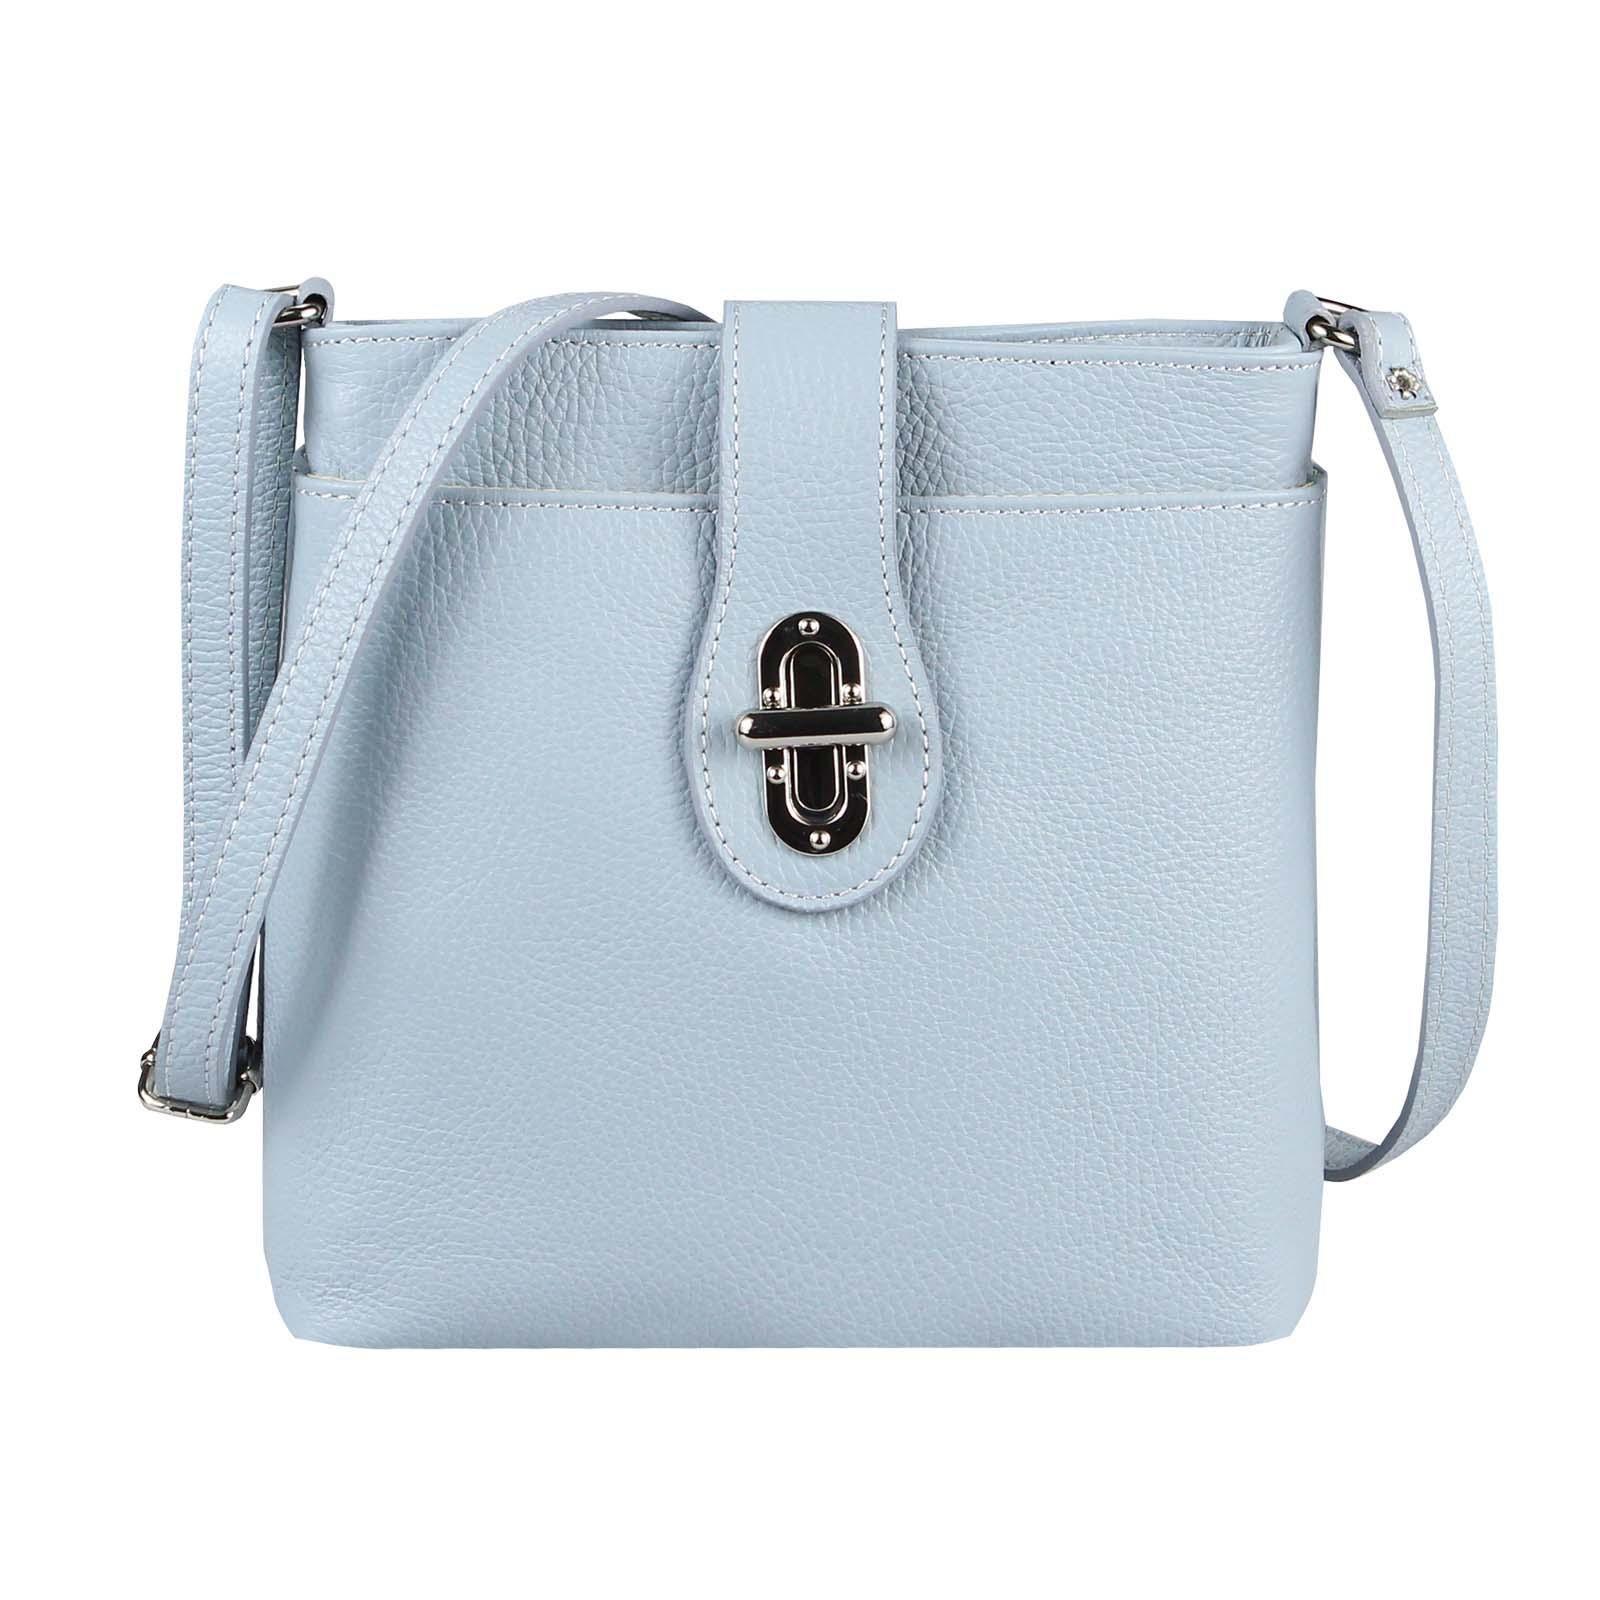 Schultertasche Damentaschen Tasche Damen Crossover Leder 1KcJlF